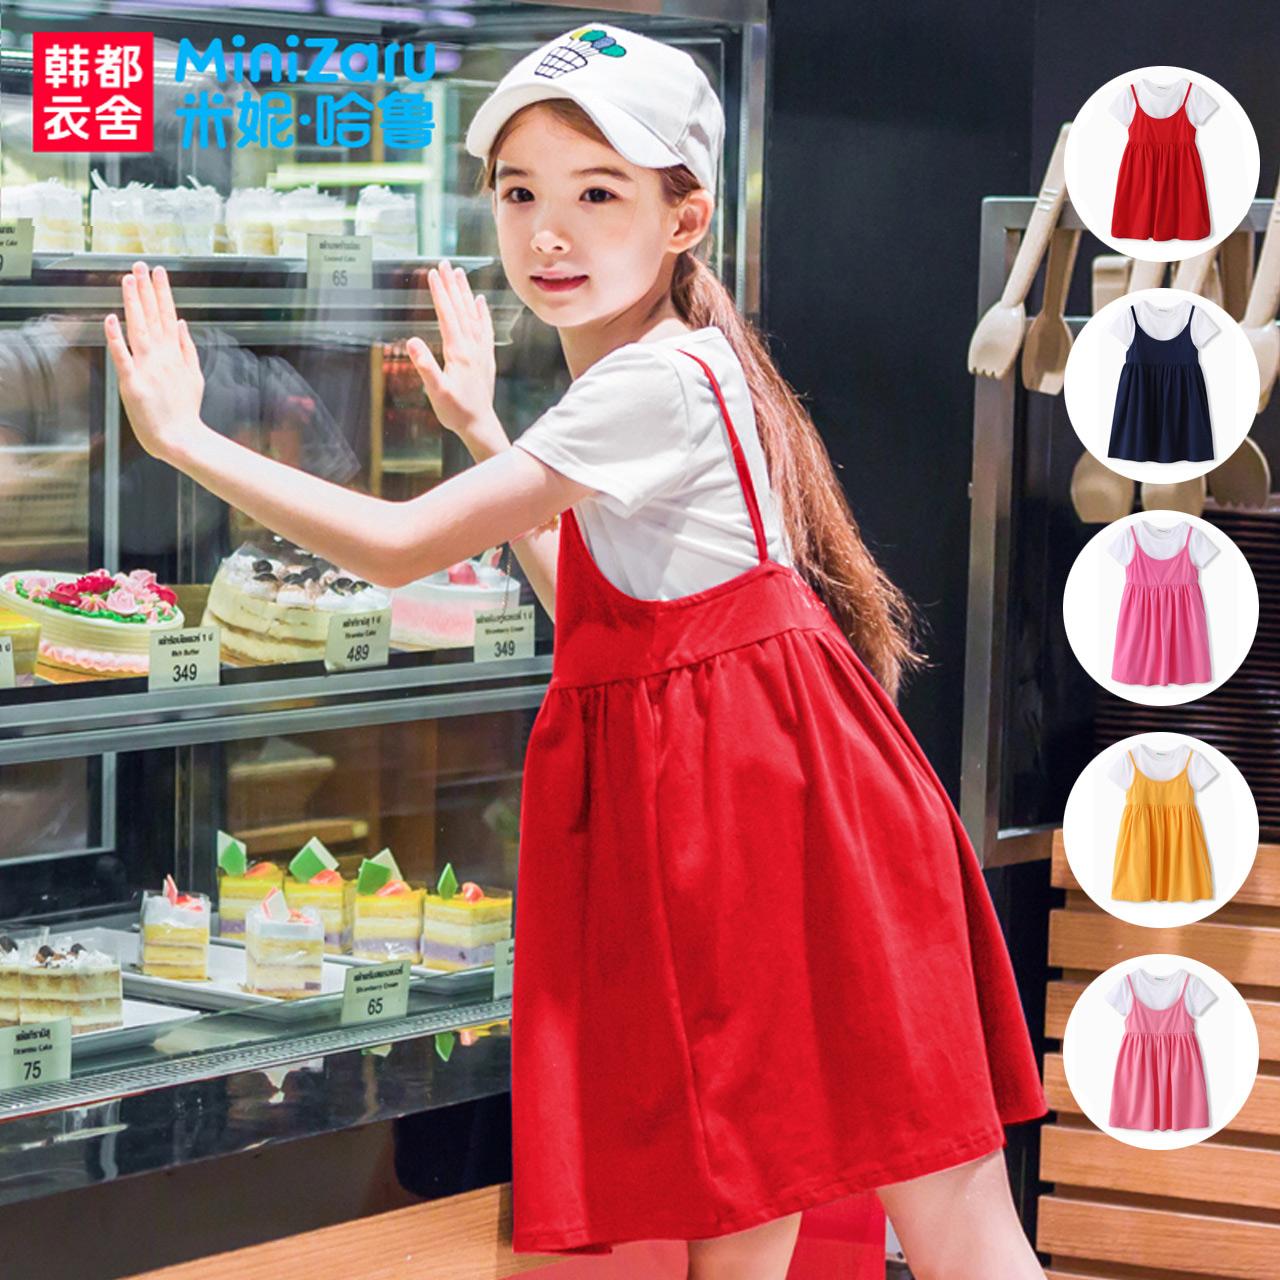 米妮哈鲁童装2018夏装新款儿童吊带裙子公主裙女童连衣裙套装